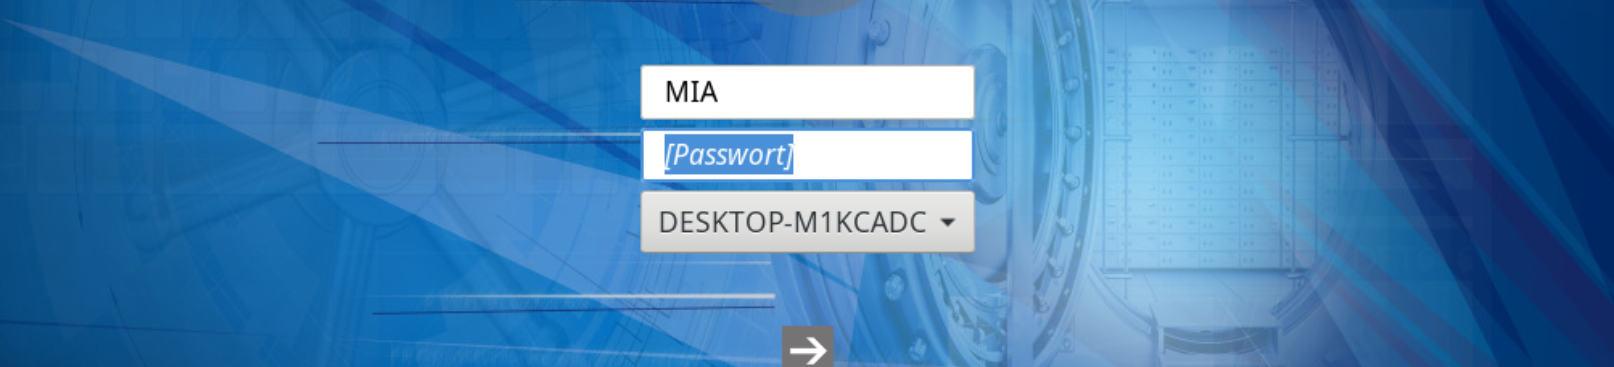 Secure Disk Benutzername - Passwort Authentisierung